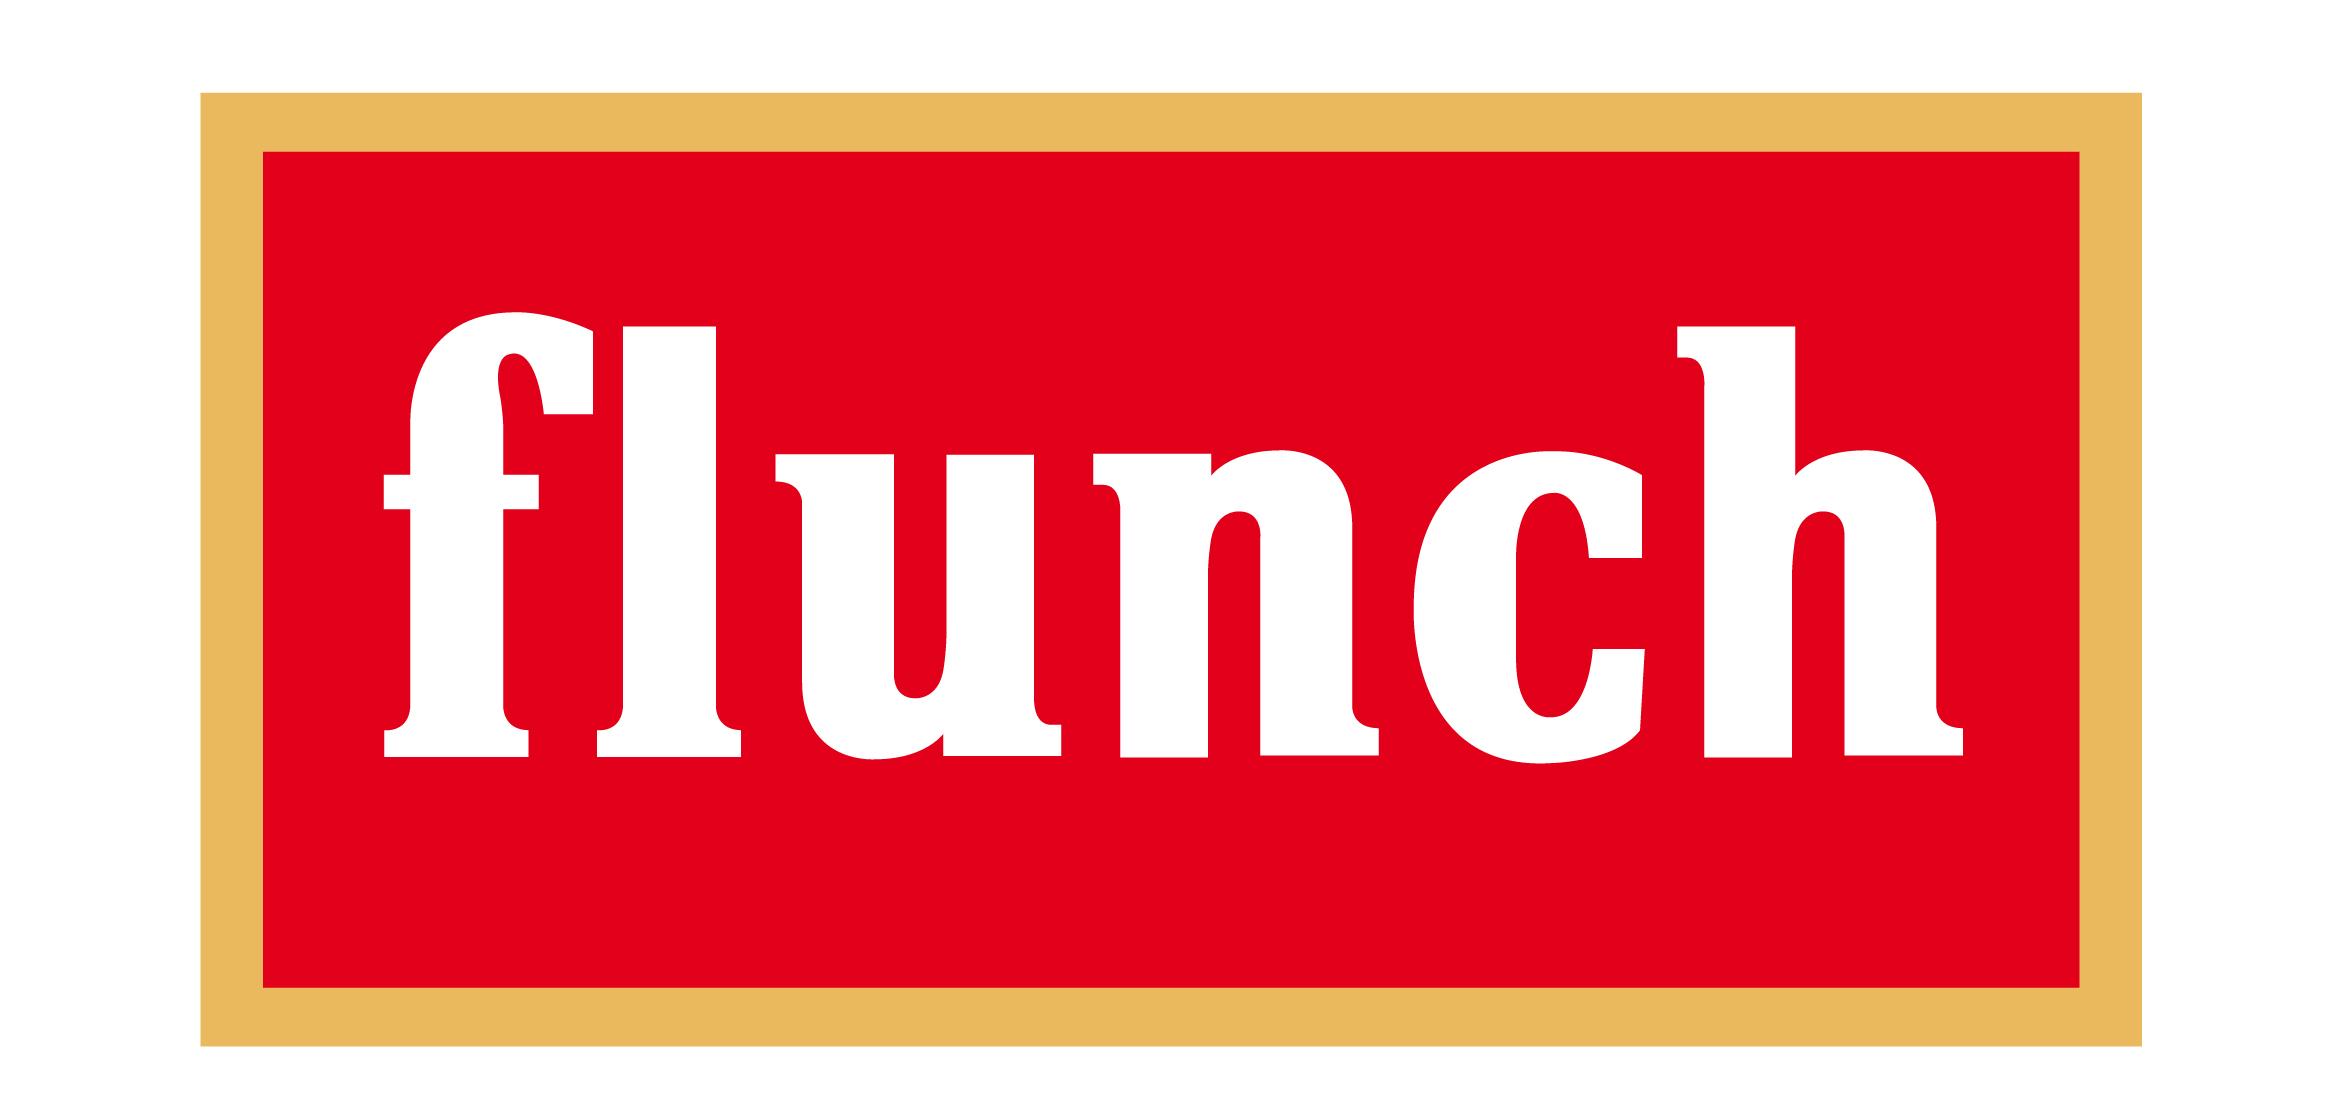 Bon de réduction de 10€ valable pour toute addition minimum de 20€ chez Flunch